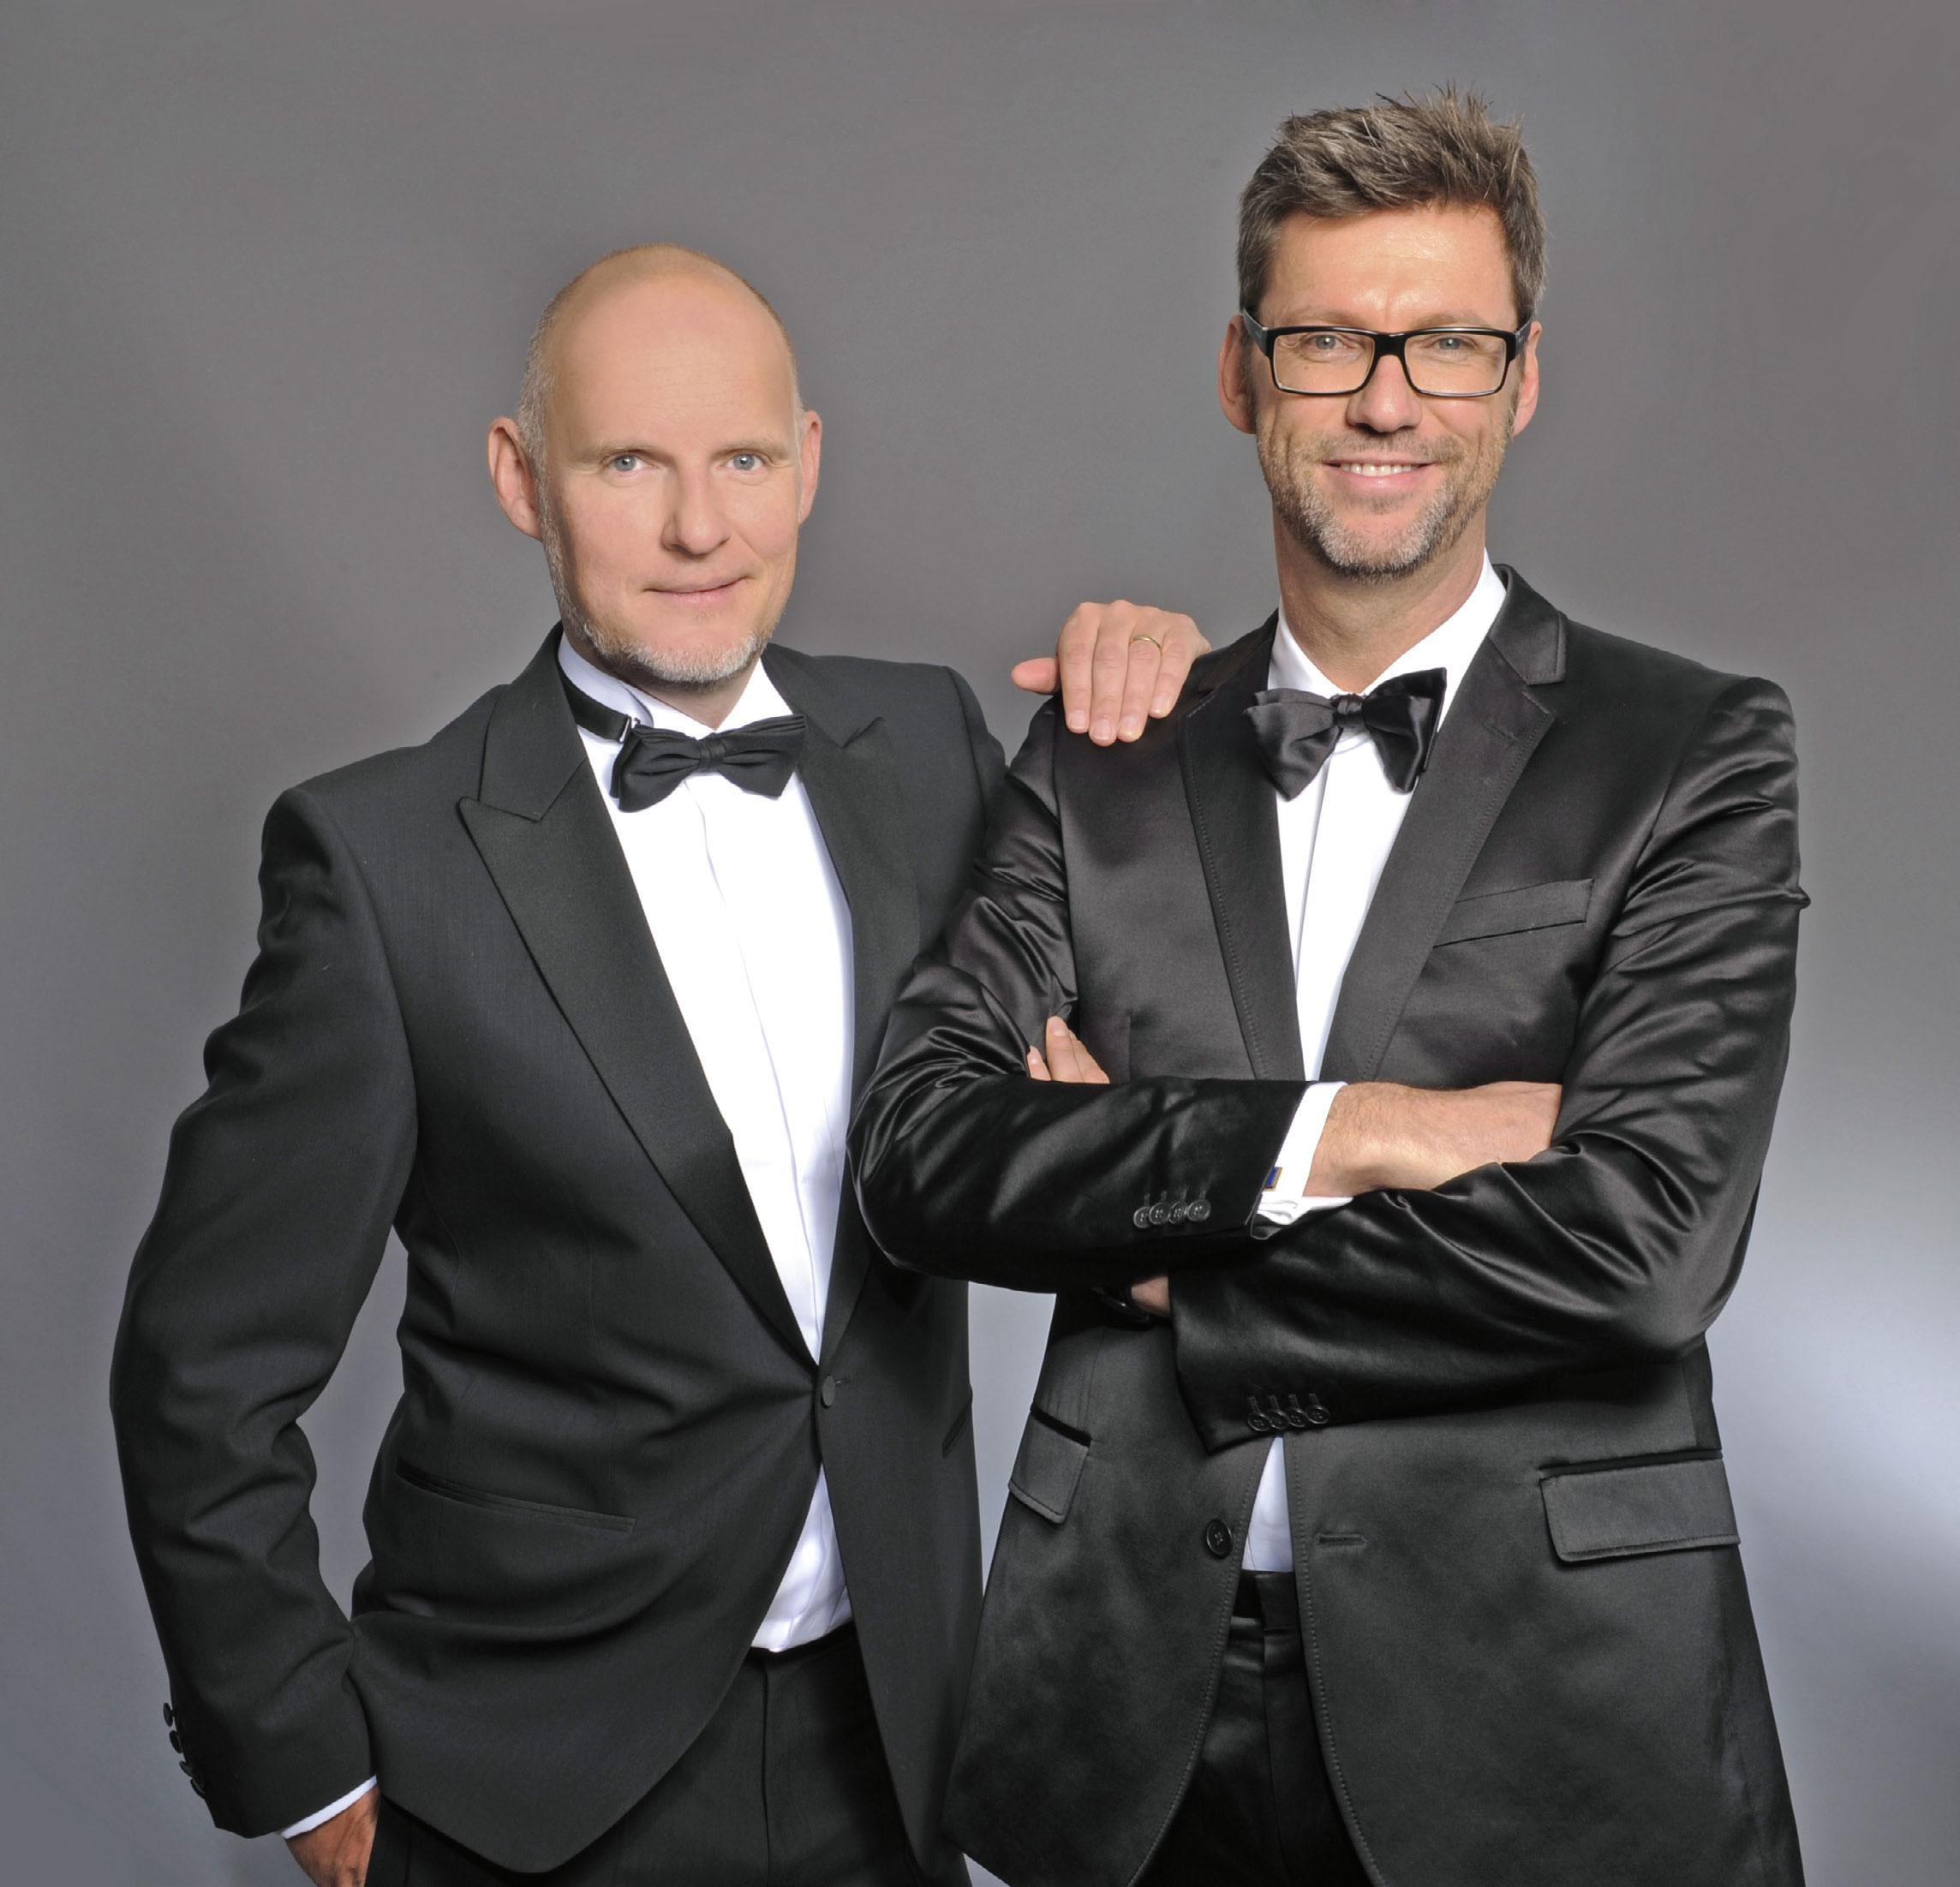 DMC Stuttgart: Die beiden Gründer der diconium GmbH: Daniel Rebhorn und Andreas Schwend (v.li.)